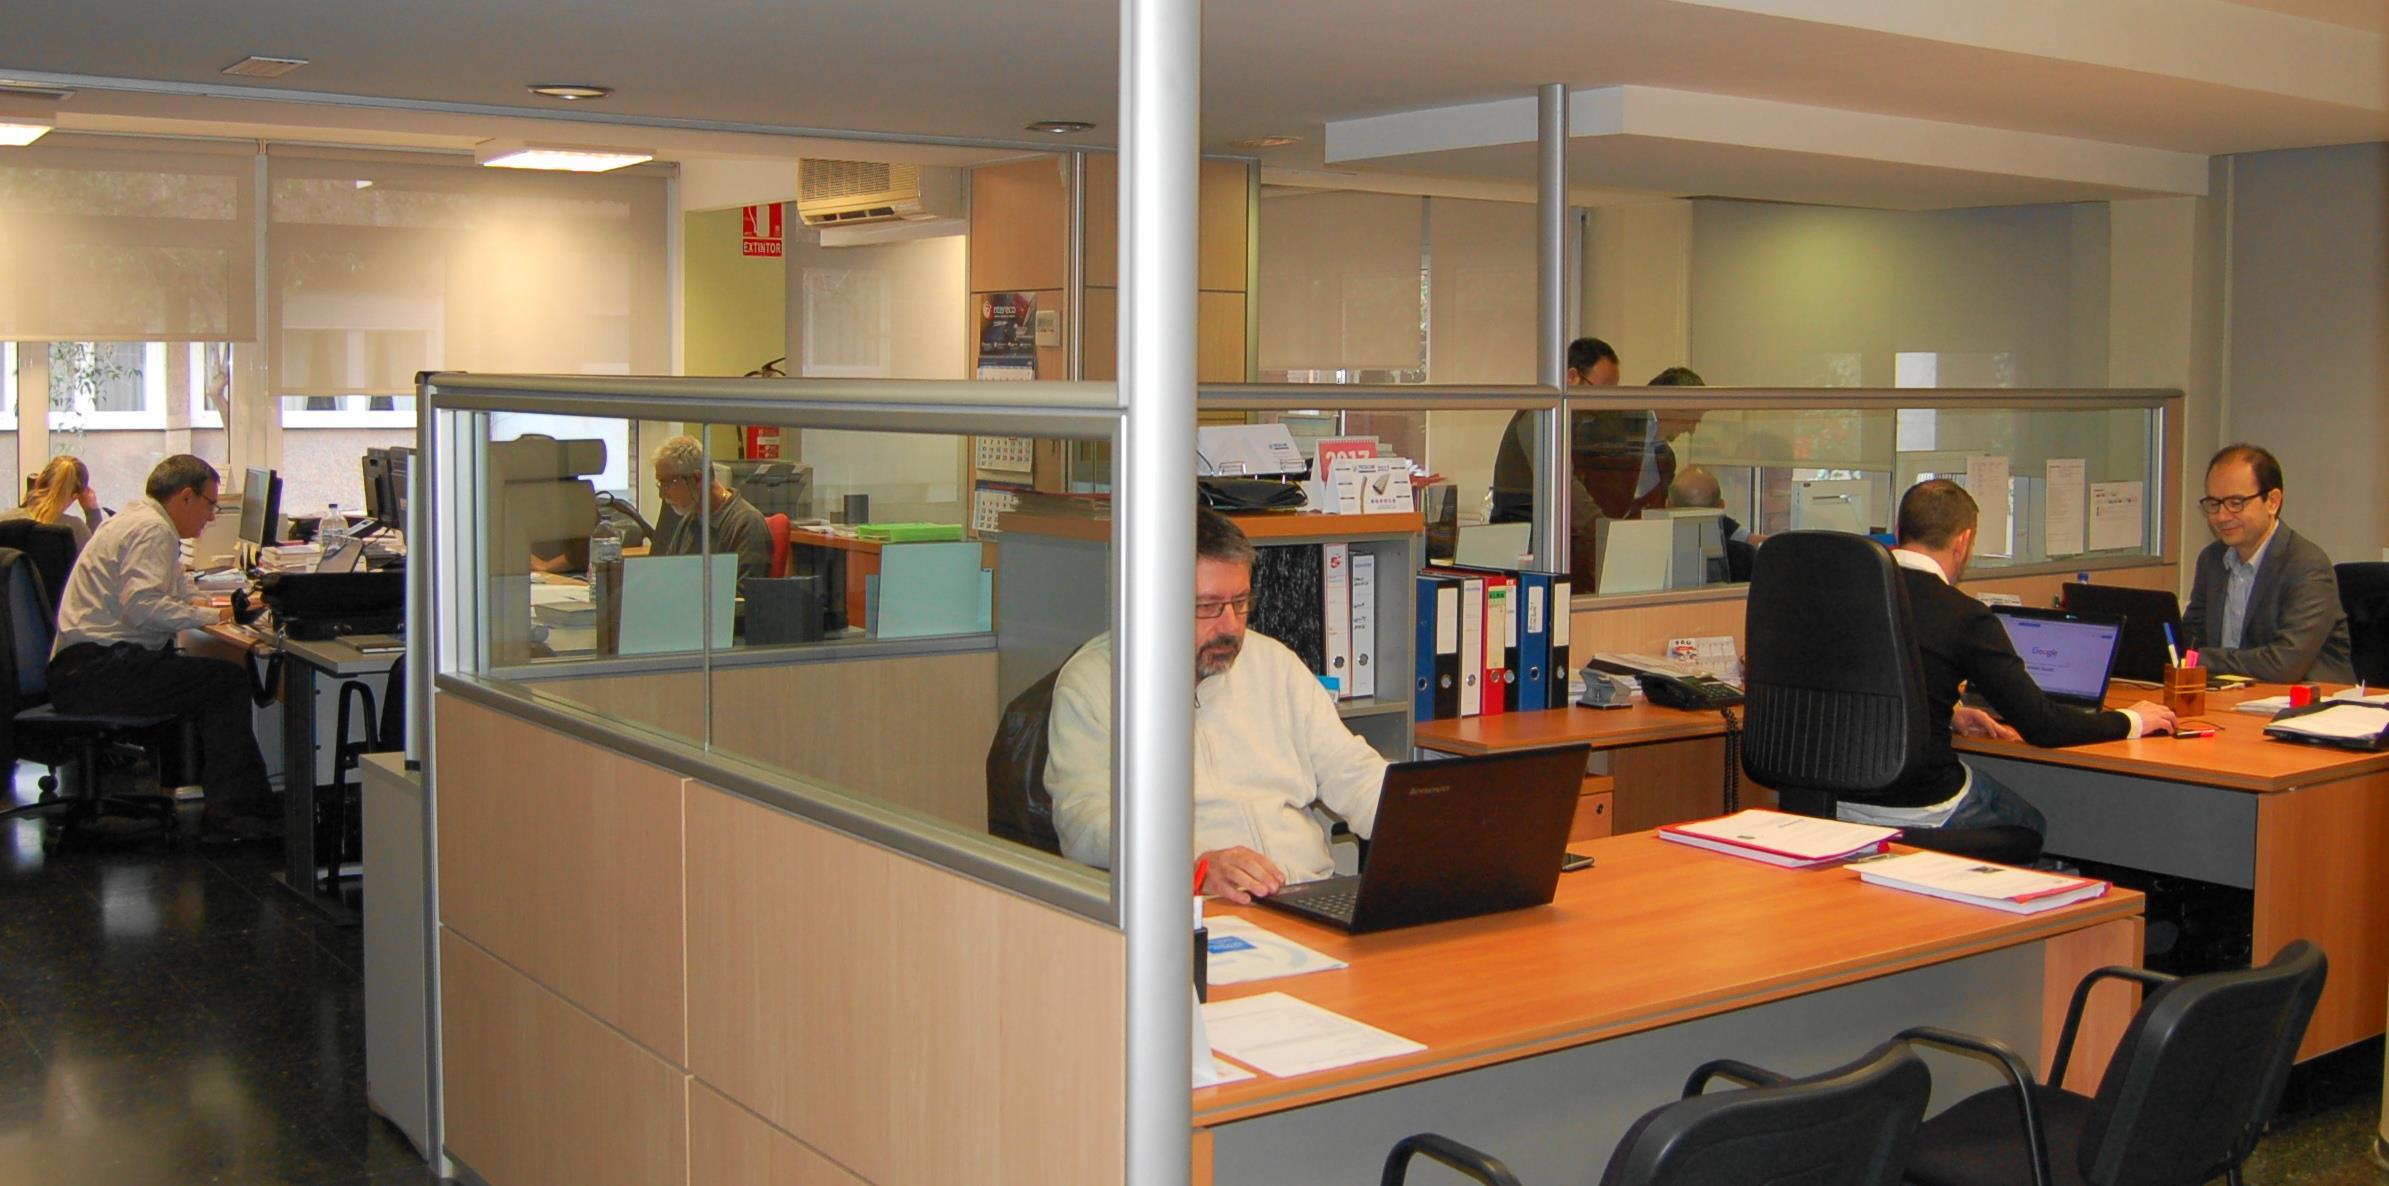 oficinas tecalum sistemes